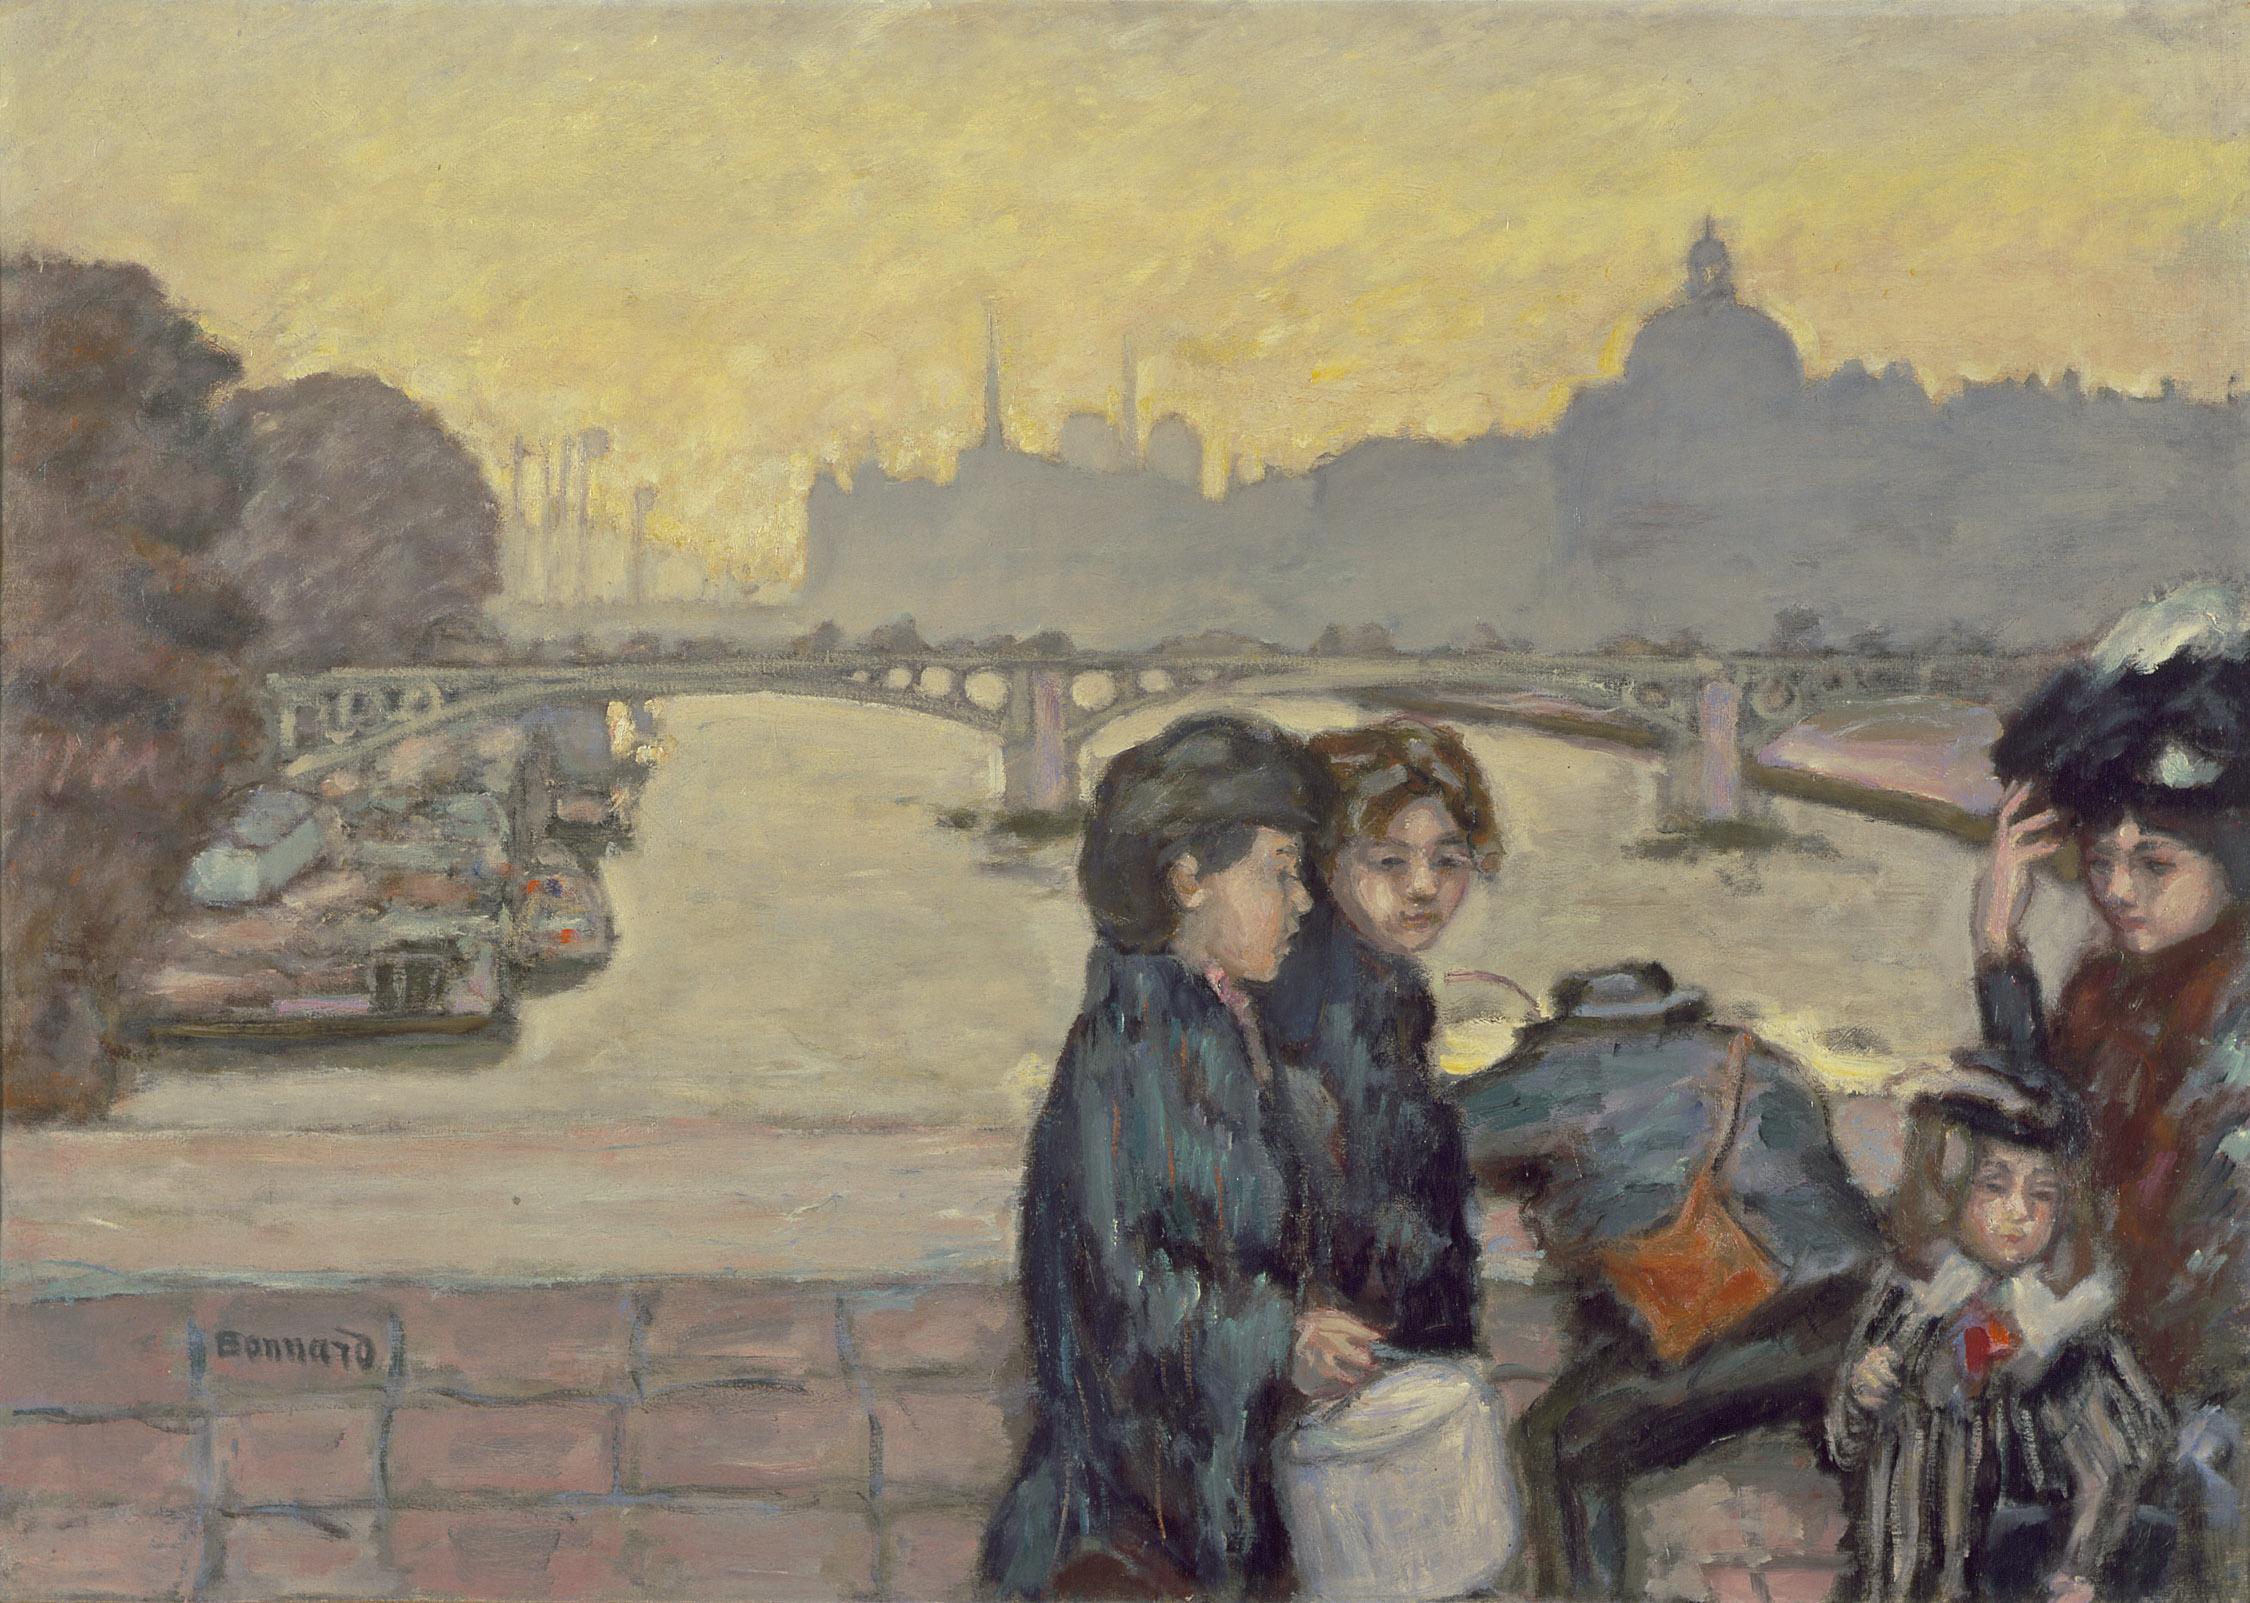 Bonnard - Paris, la rue, la vie